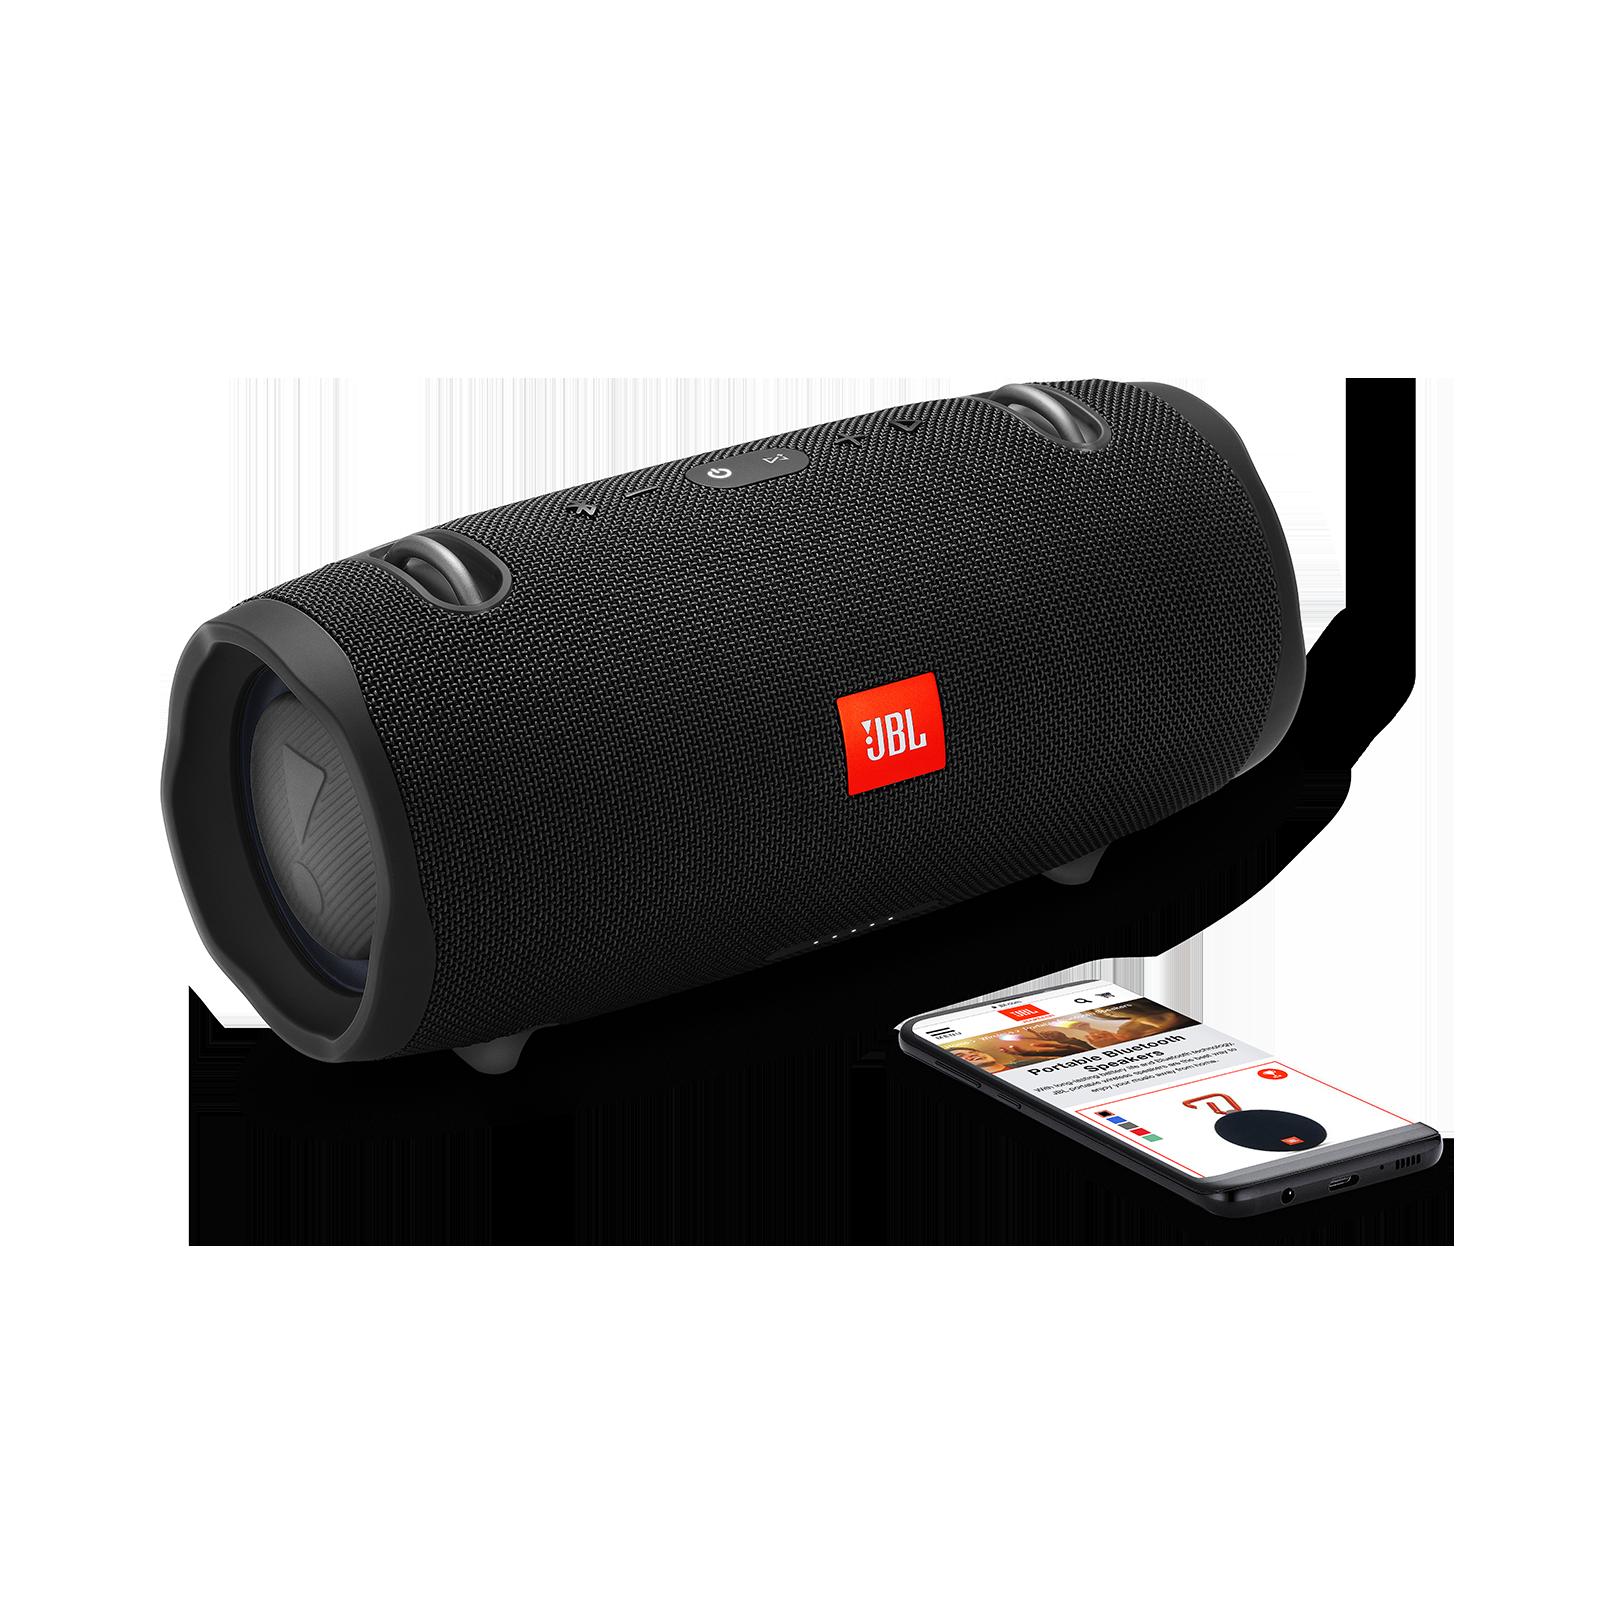 Jbl Xtreme 2 Portable Bluetooth Speaker Audio Jack Music Receiver Tanpa Kabel